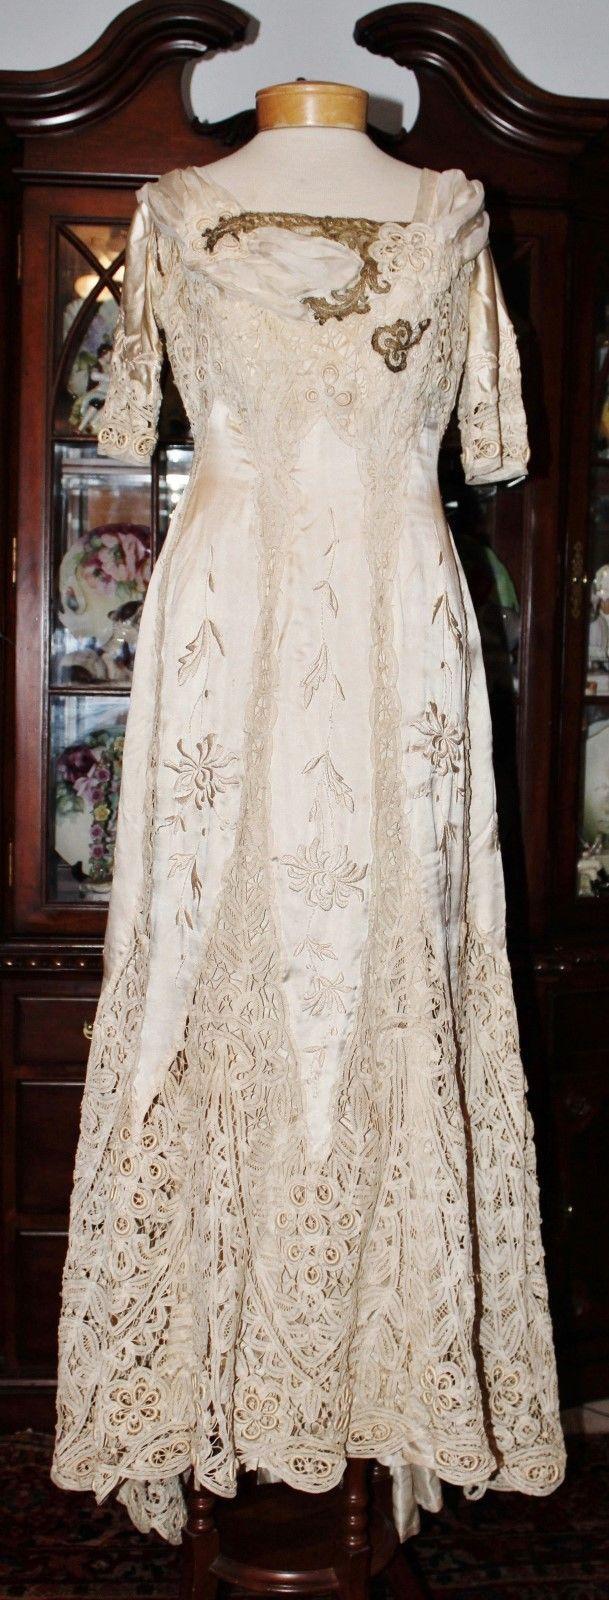 Antique edwardian battenburg bobbin lace venice lace trained silk